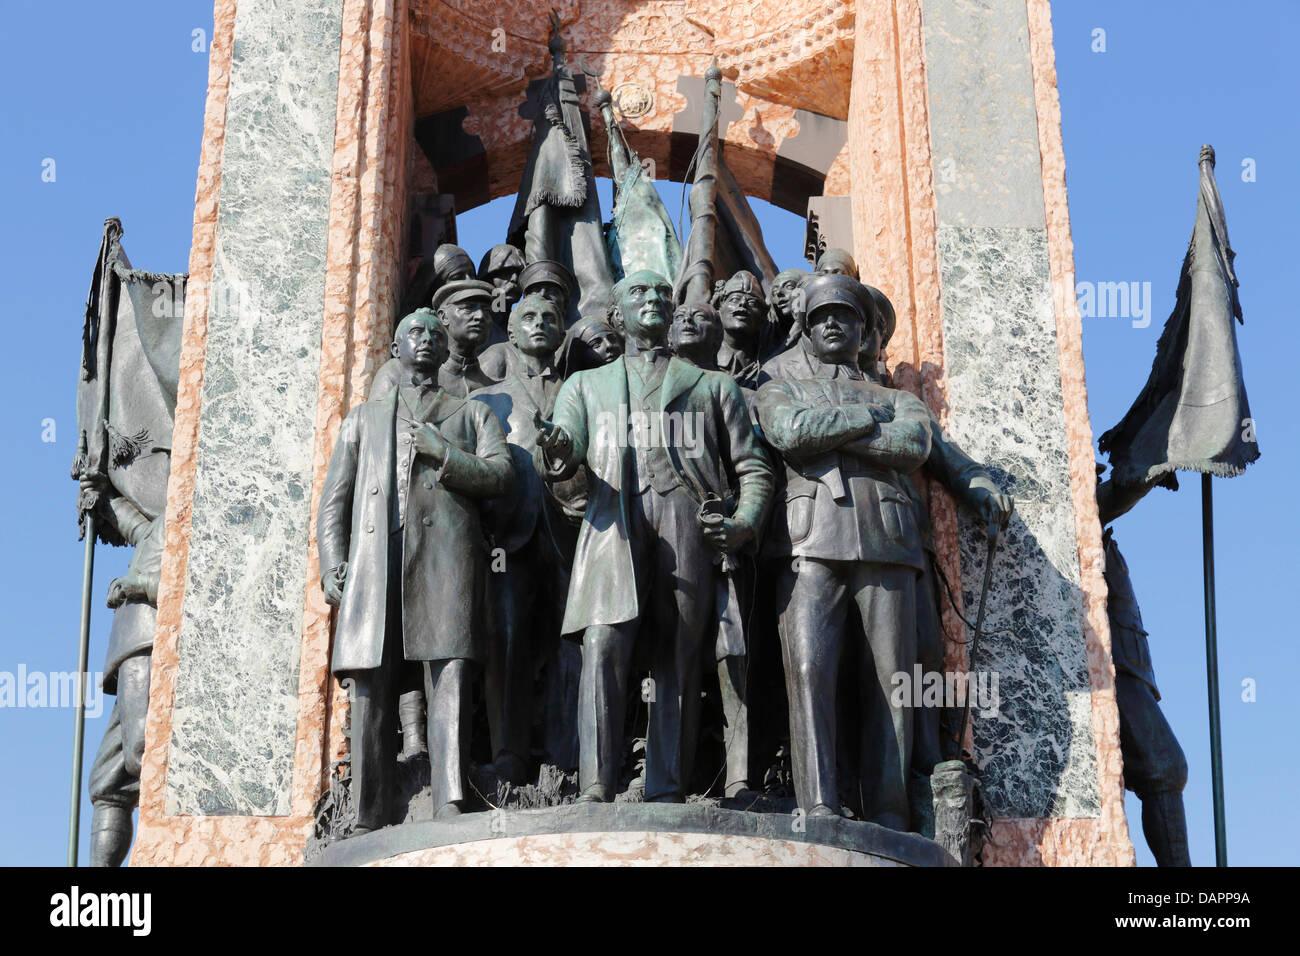 Turquía, Estambul, Mustafa Kemal Ataturk con camaradas en el monumento de la independencia en la Plaza de Taksim Imagen De Stock